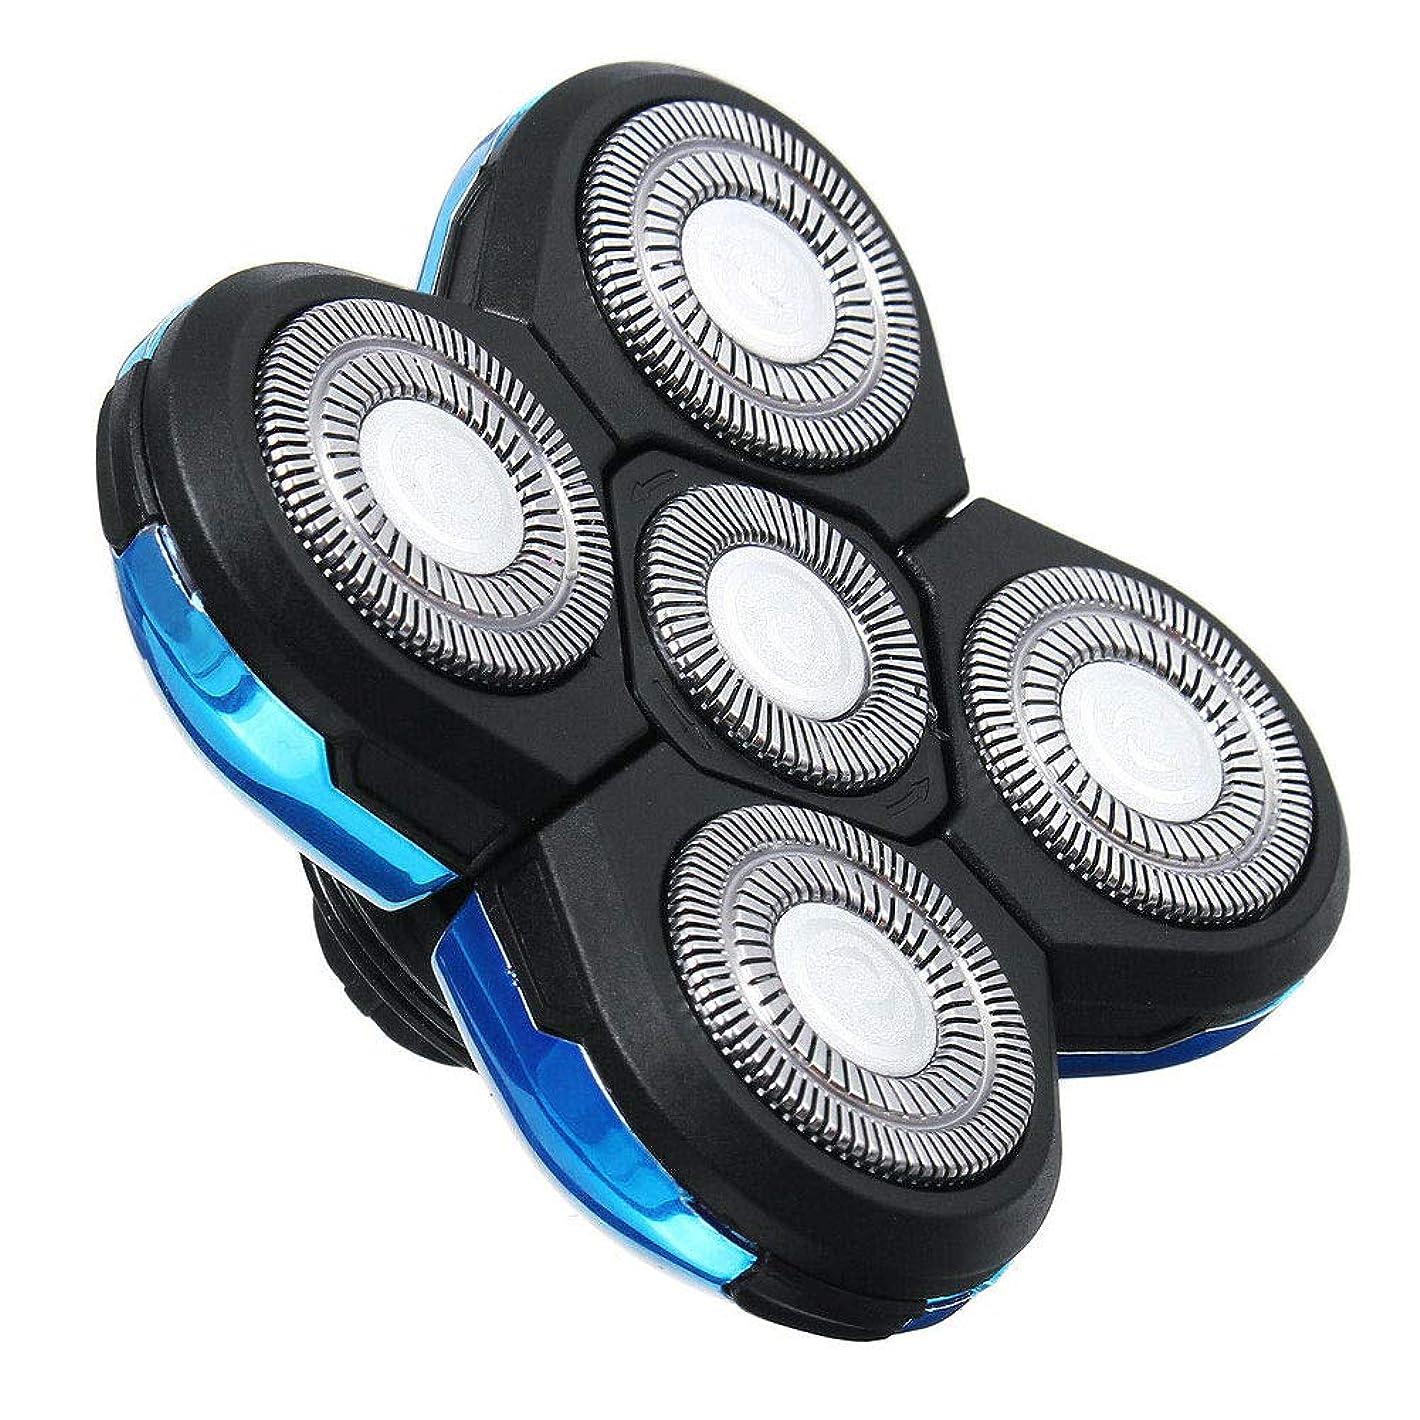 ワックスまたは勇者シェーバー5 s電気かみそり高速ひげカッター交換耐久性のあるヘアトリマーダブルリング簡単インストールフローティング実用シェービングブレードユニバーサル(ブルー)